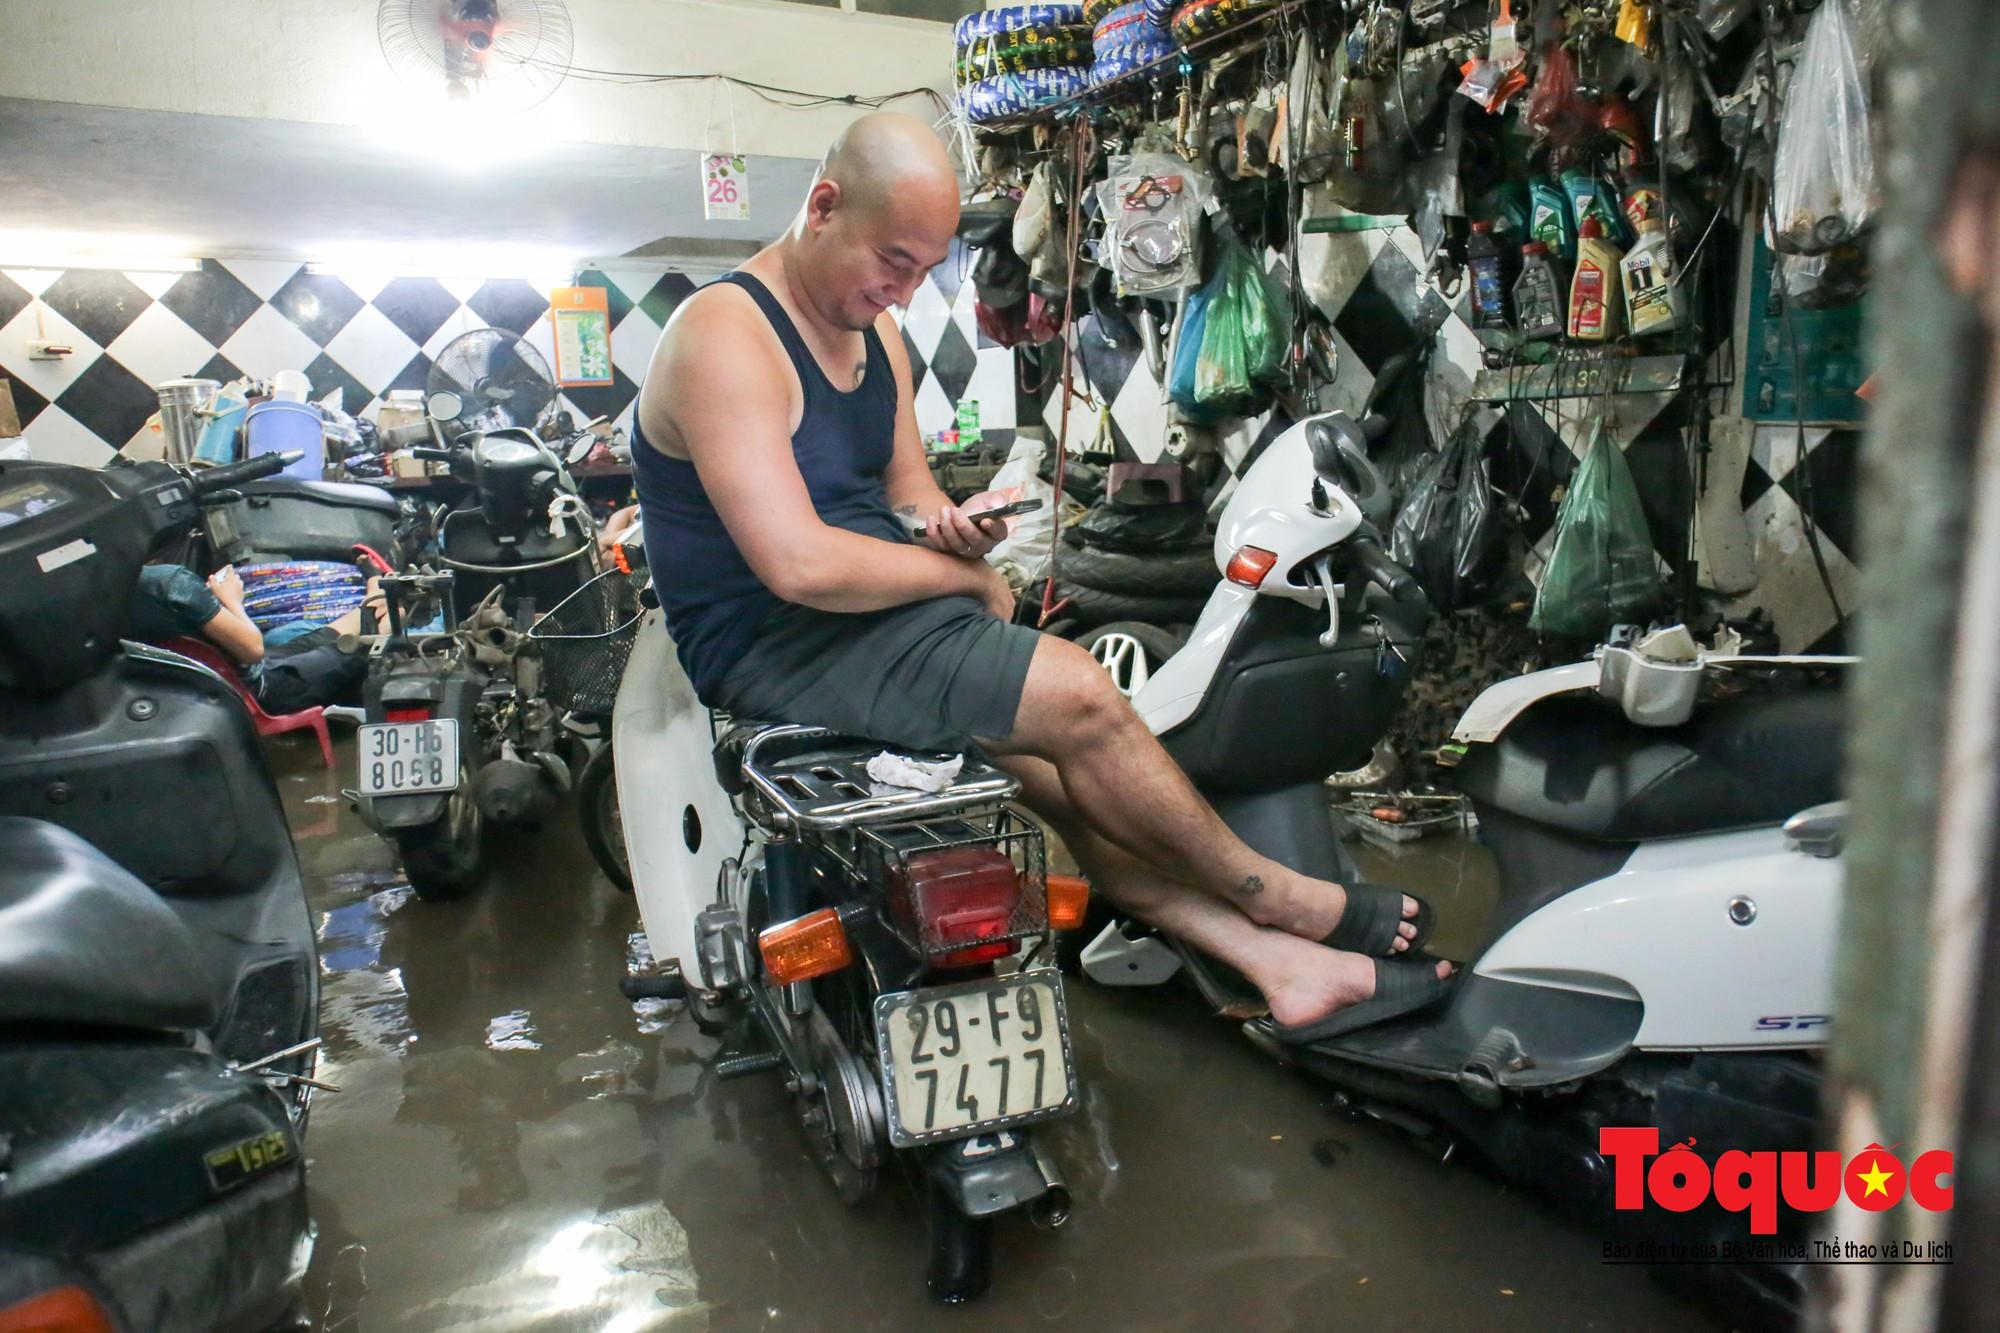 Hà Nội mưa lớn bất ngờ, nhiều tuyến đường lại ngập trong sâu biển nước29